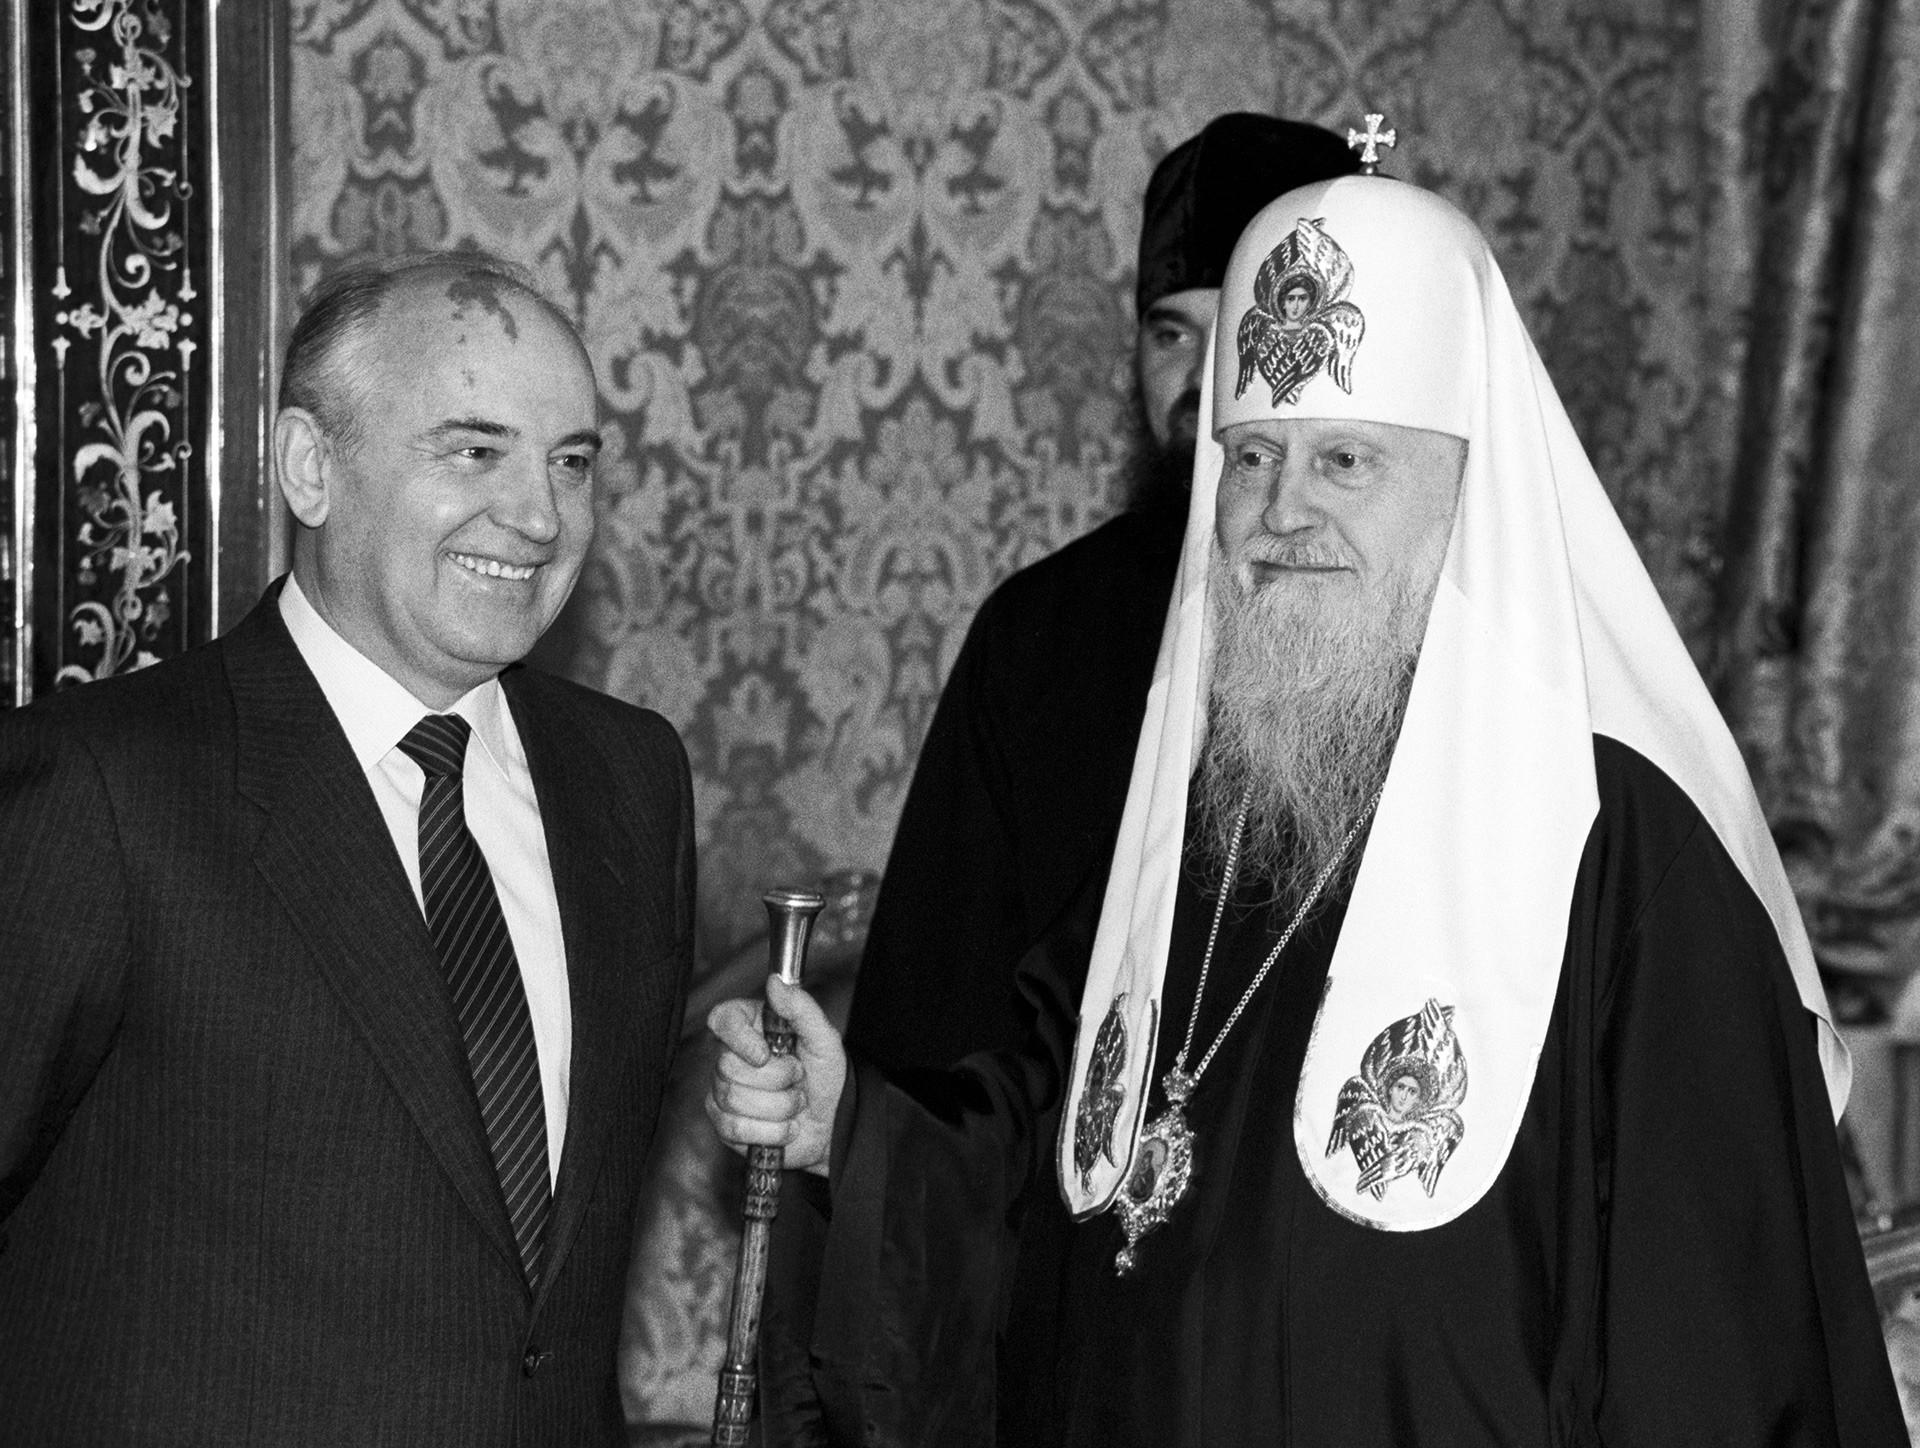 Генерални секретар ЦК КПСС Михаил Горбачов и Патријарх Московски и целе Русије Пимен за време сусрета поводом 1000-годишњице од примања хришћанства у Русији.